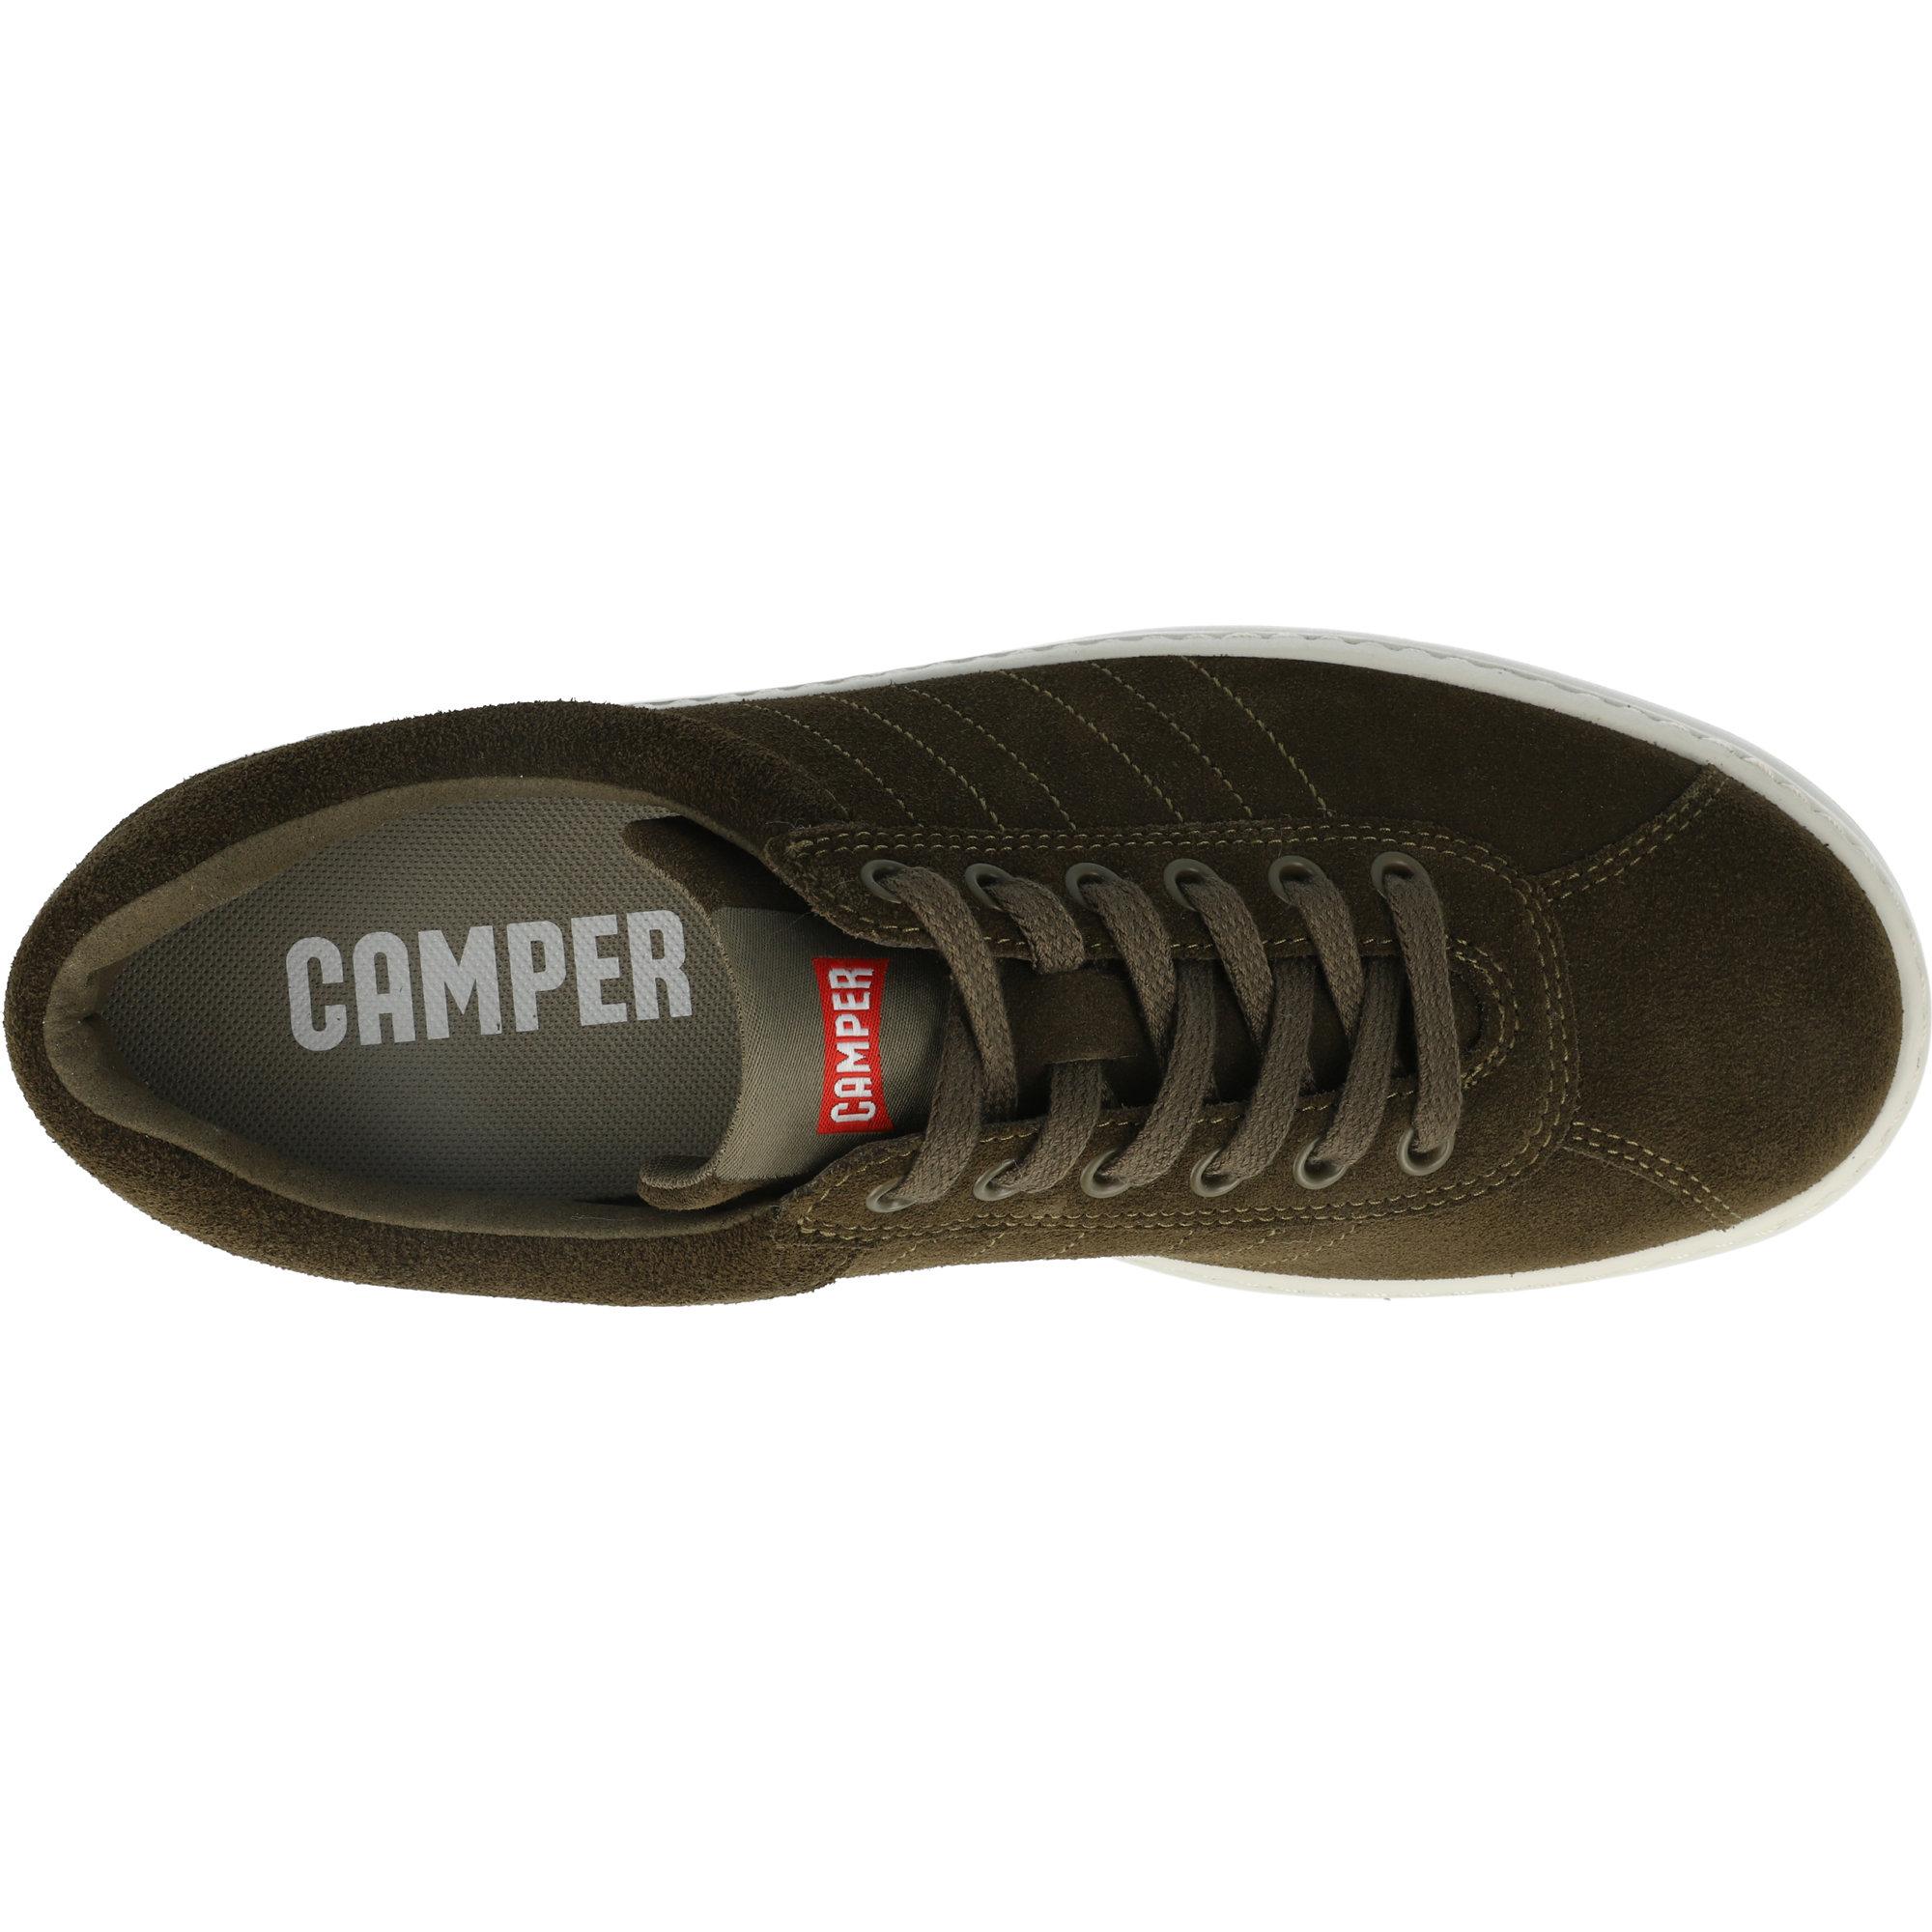 Camper Runner Dark Green Leather